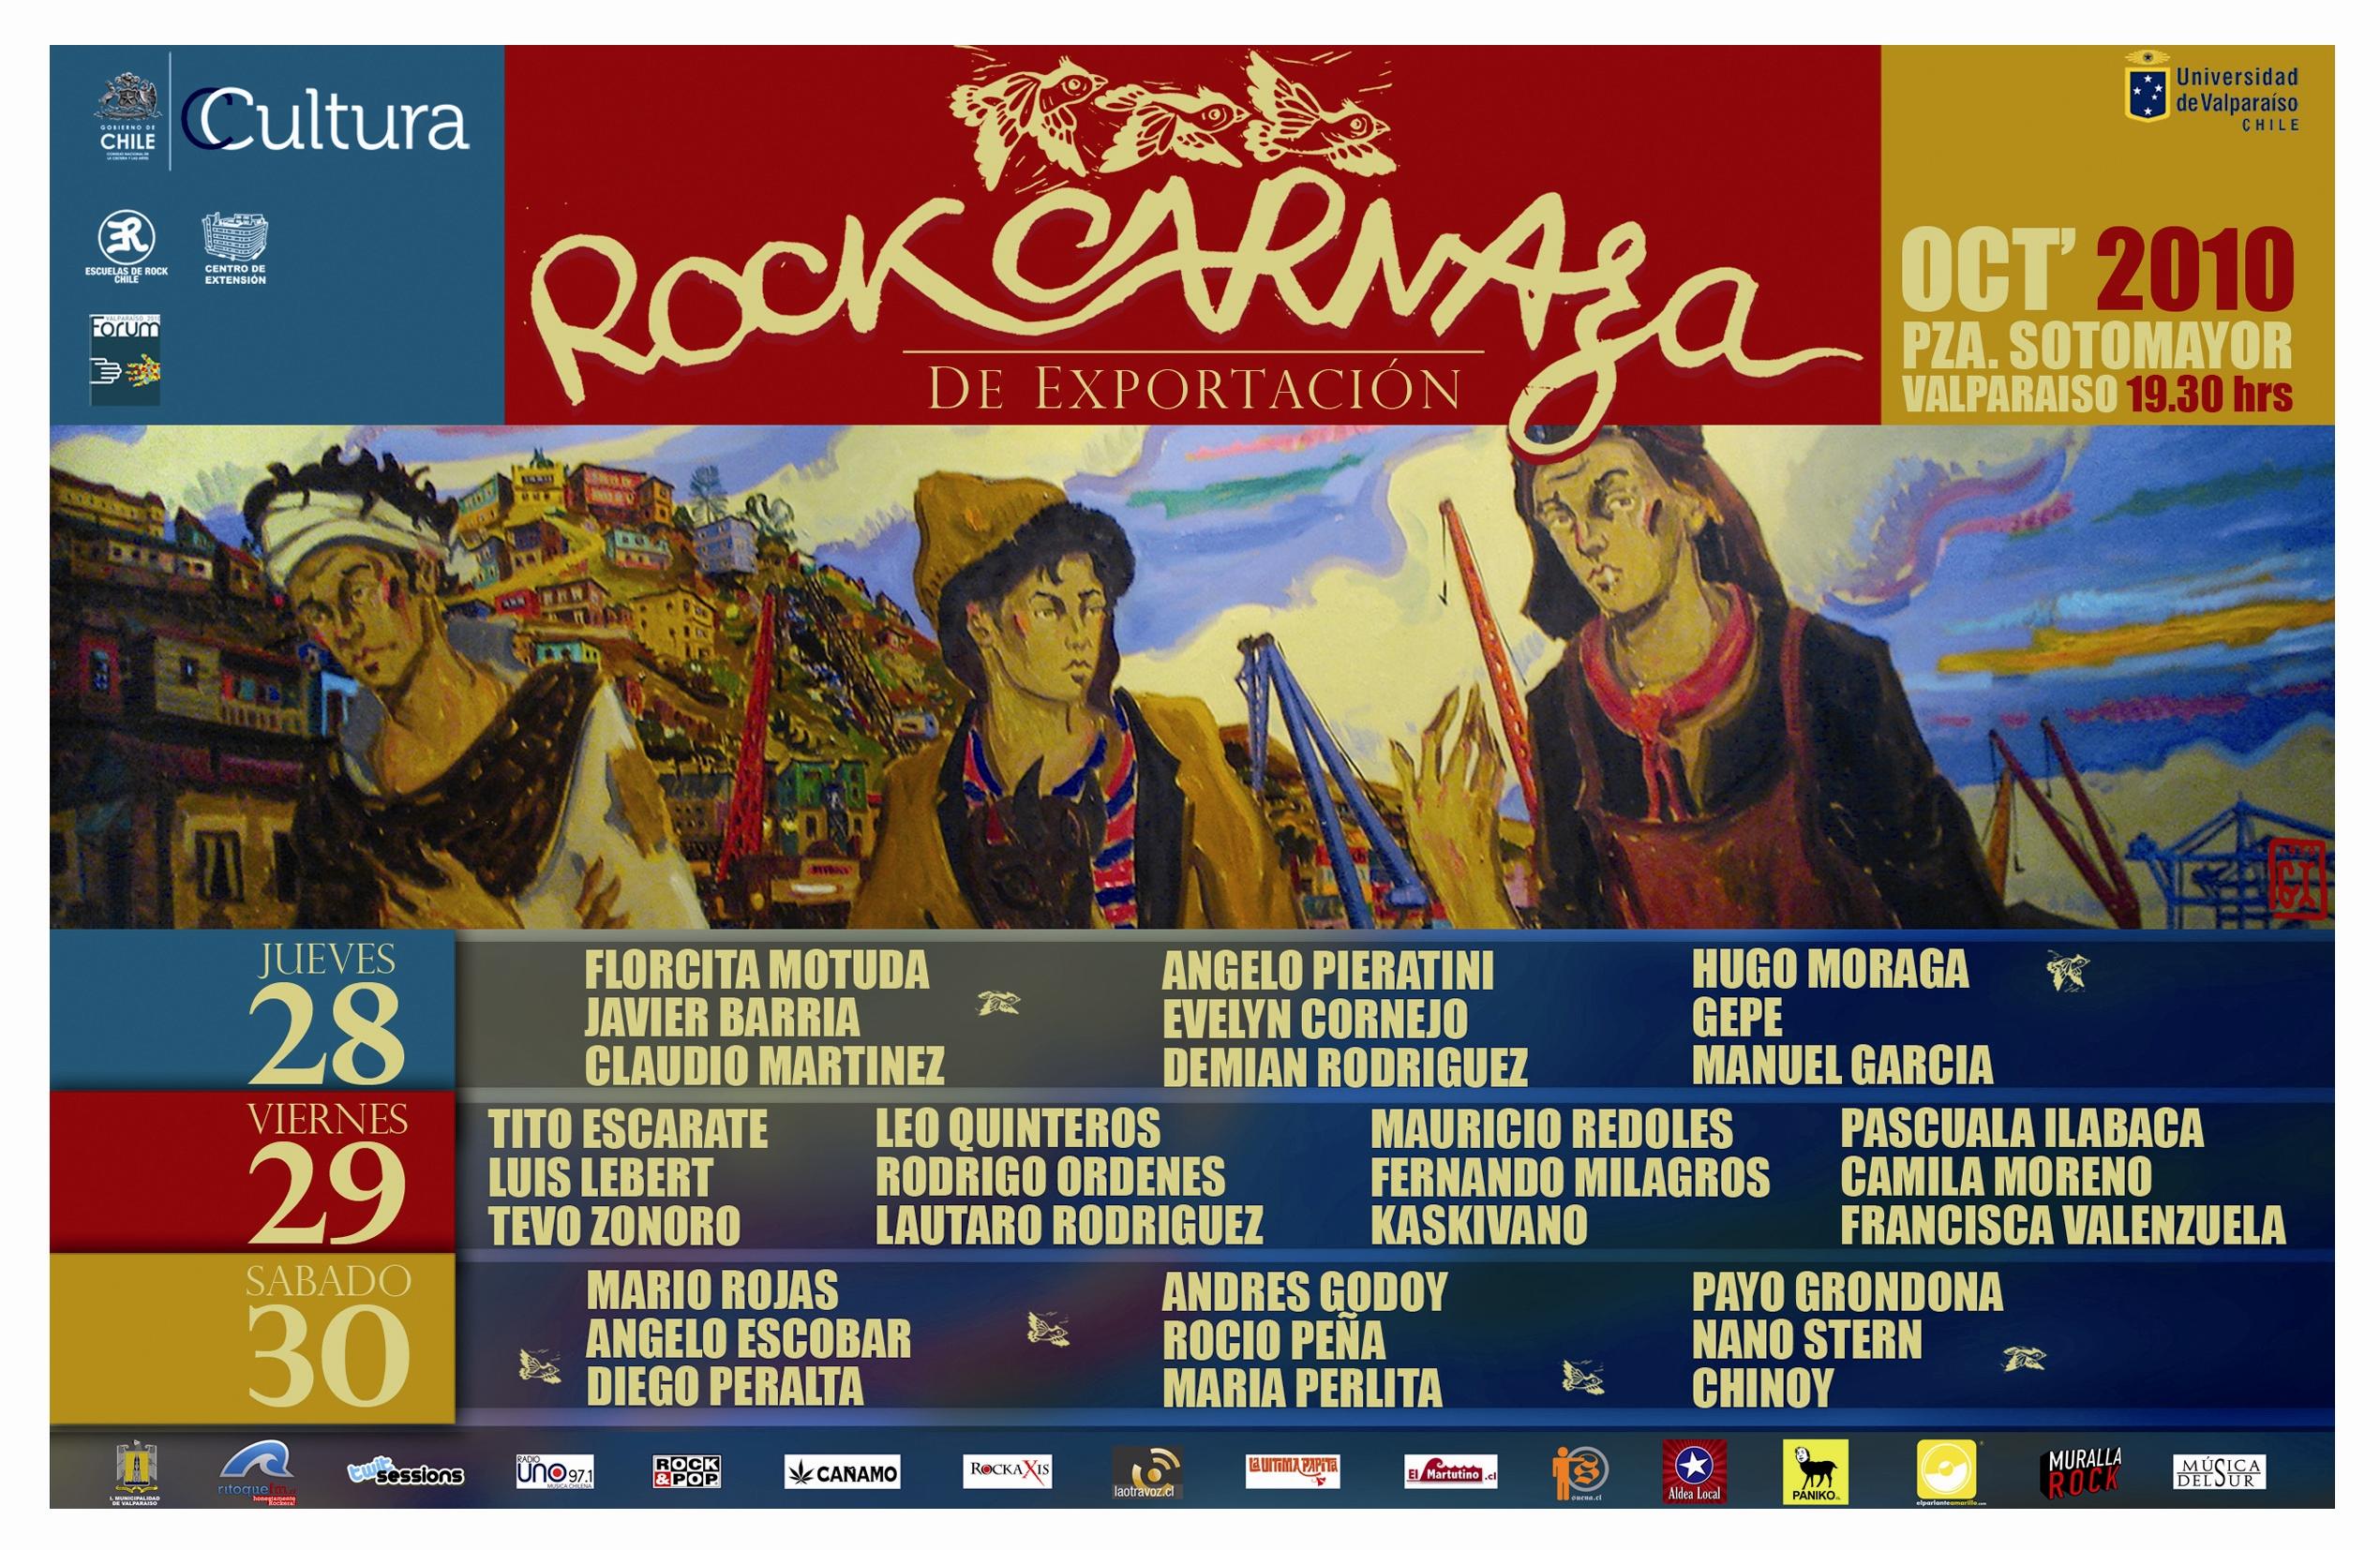 RockCarnaza